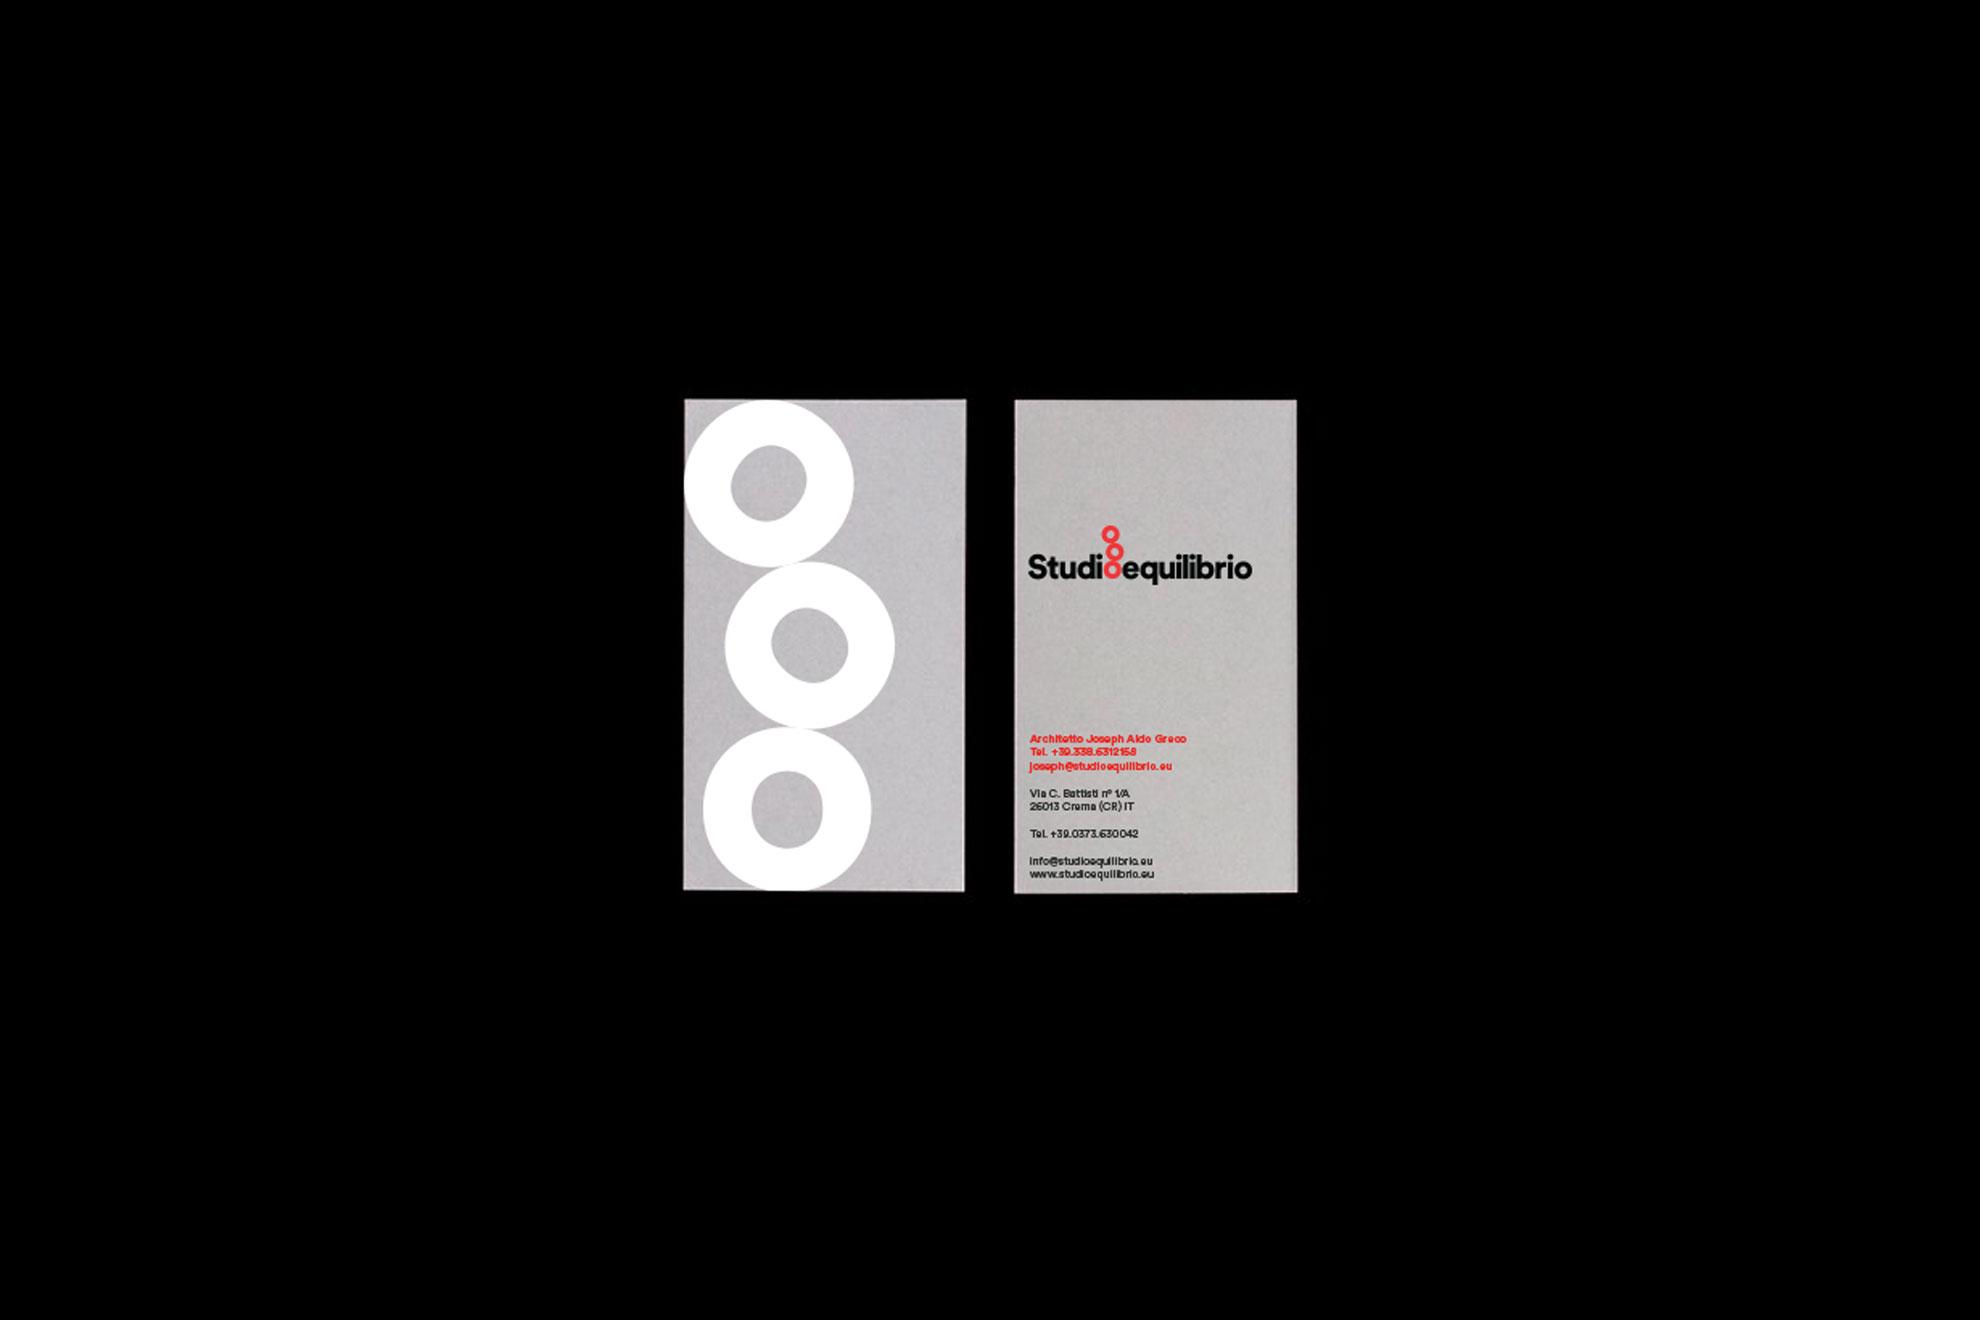 Biglietti da visita Studioequilibrio, graphic design a Crema